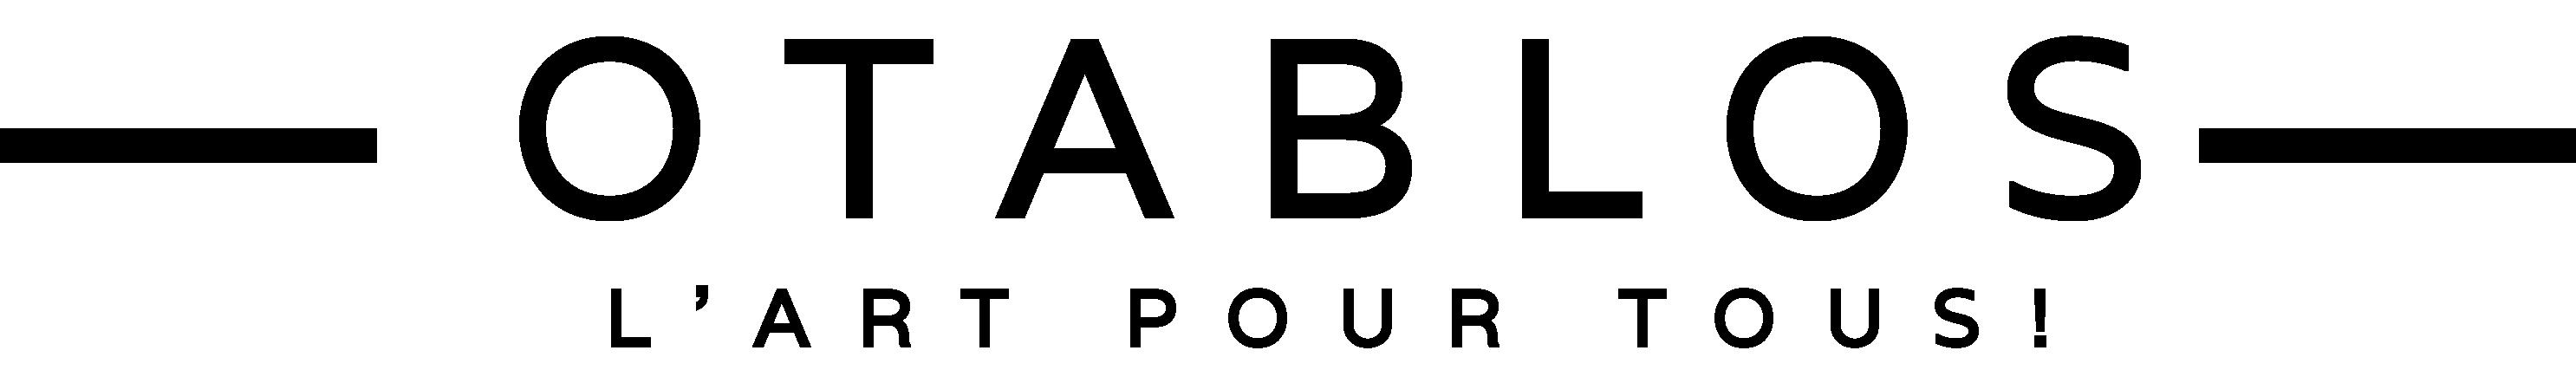 Otablos